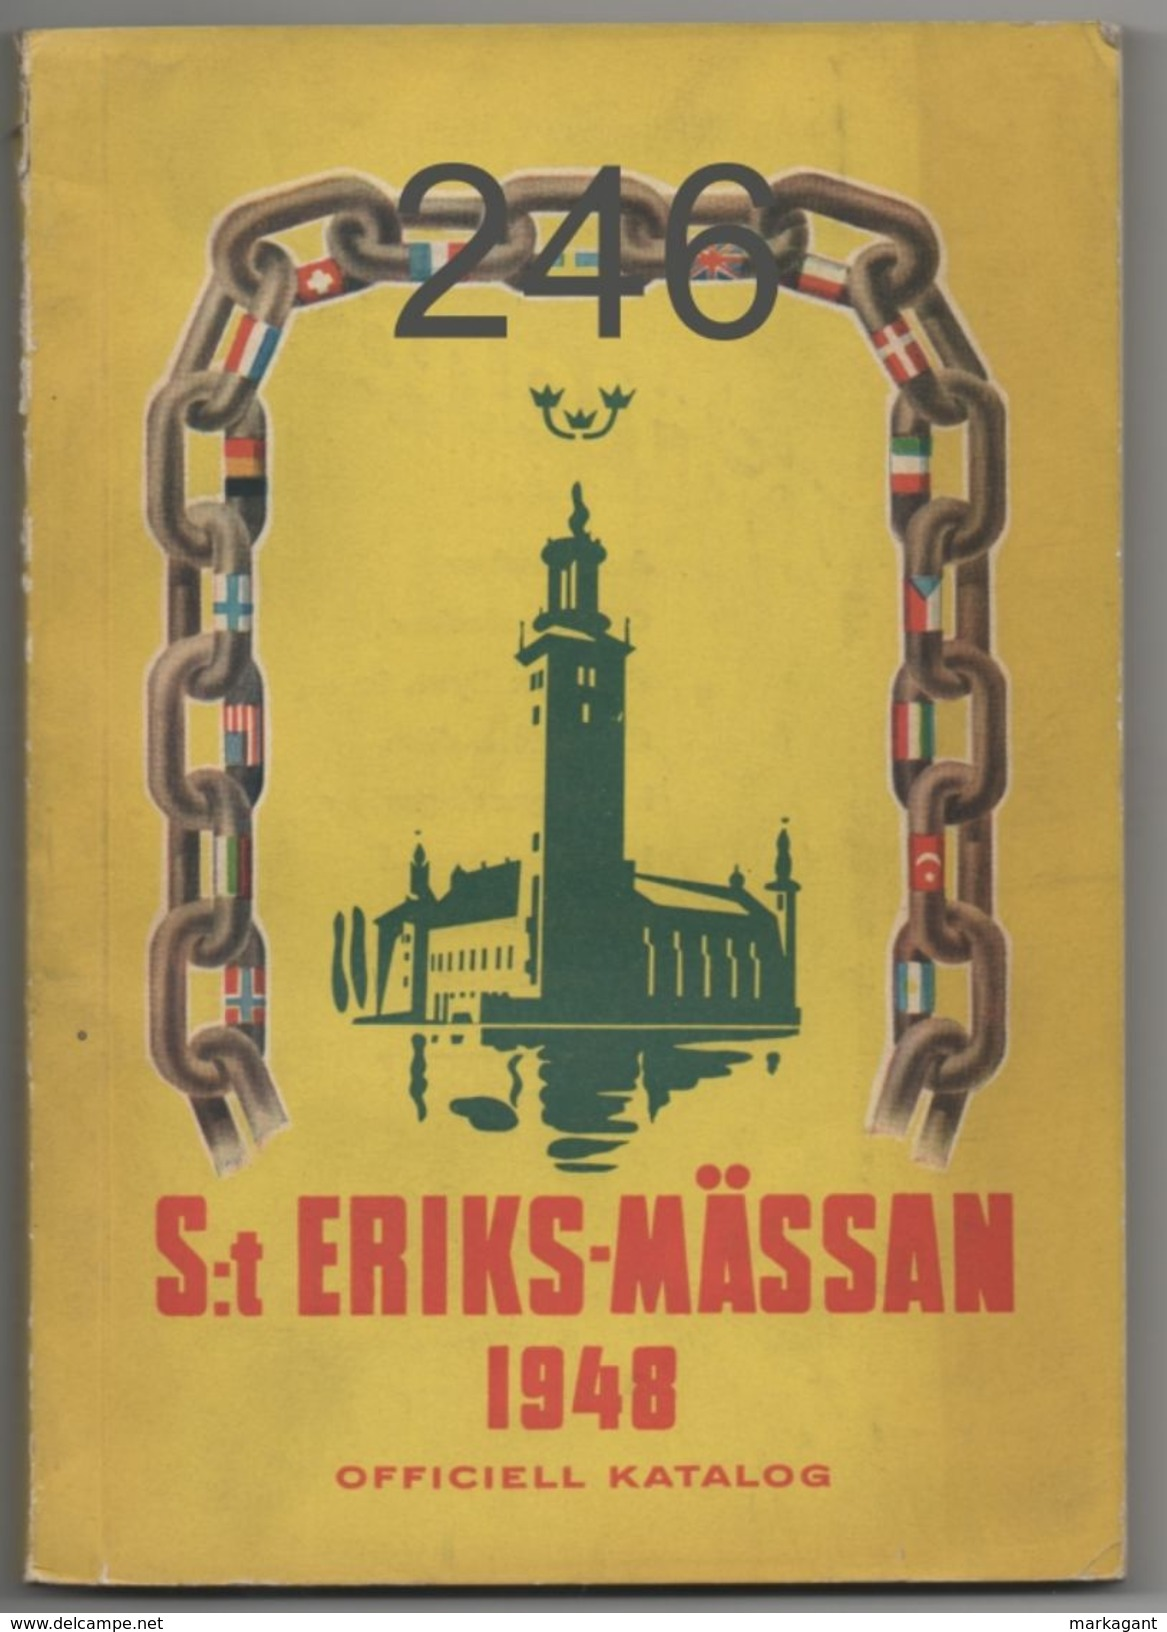 S:t  Eriks-mässan 1948 Officiell Katalog - Bücher, Zeitschriften, Comics